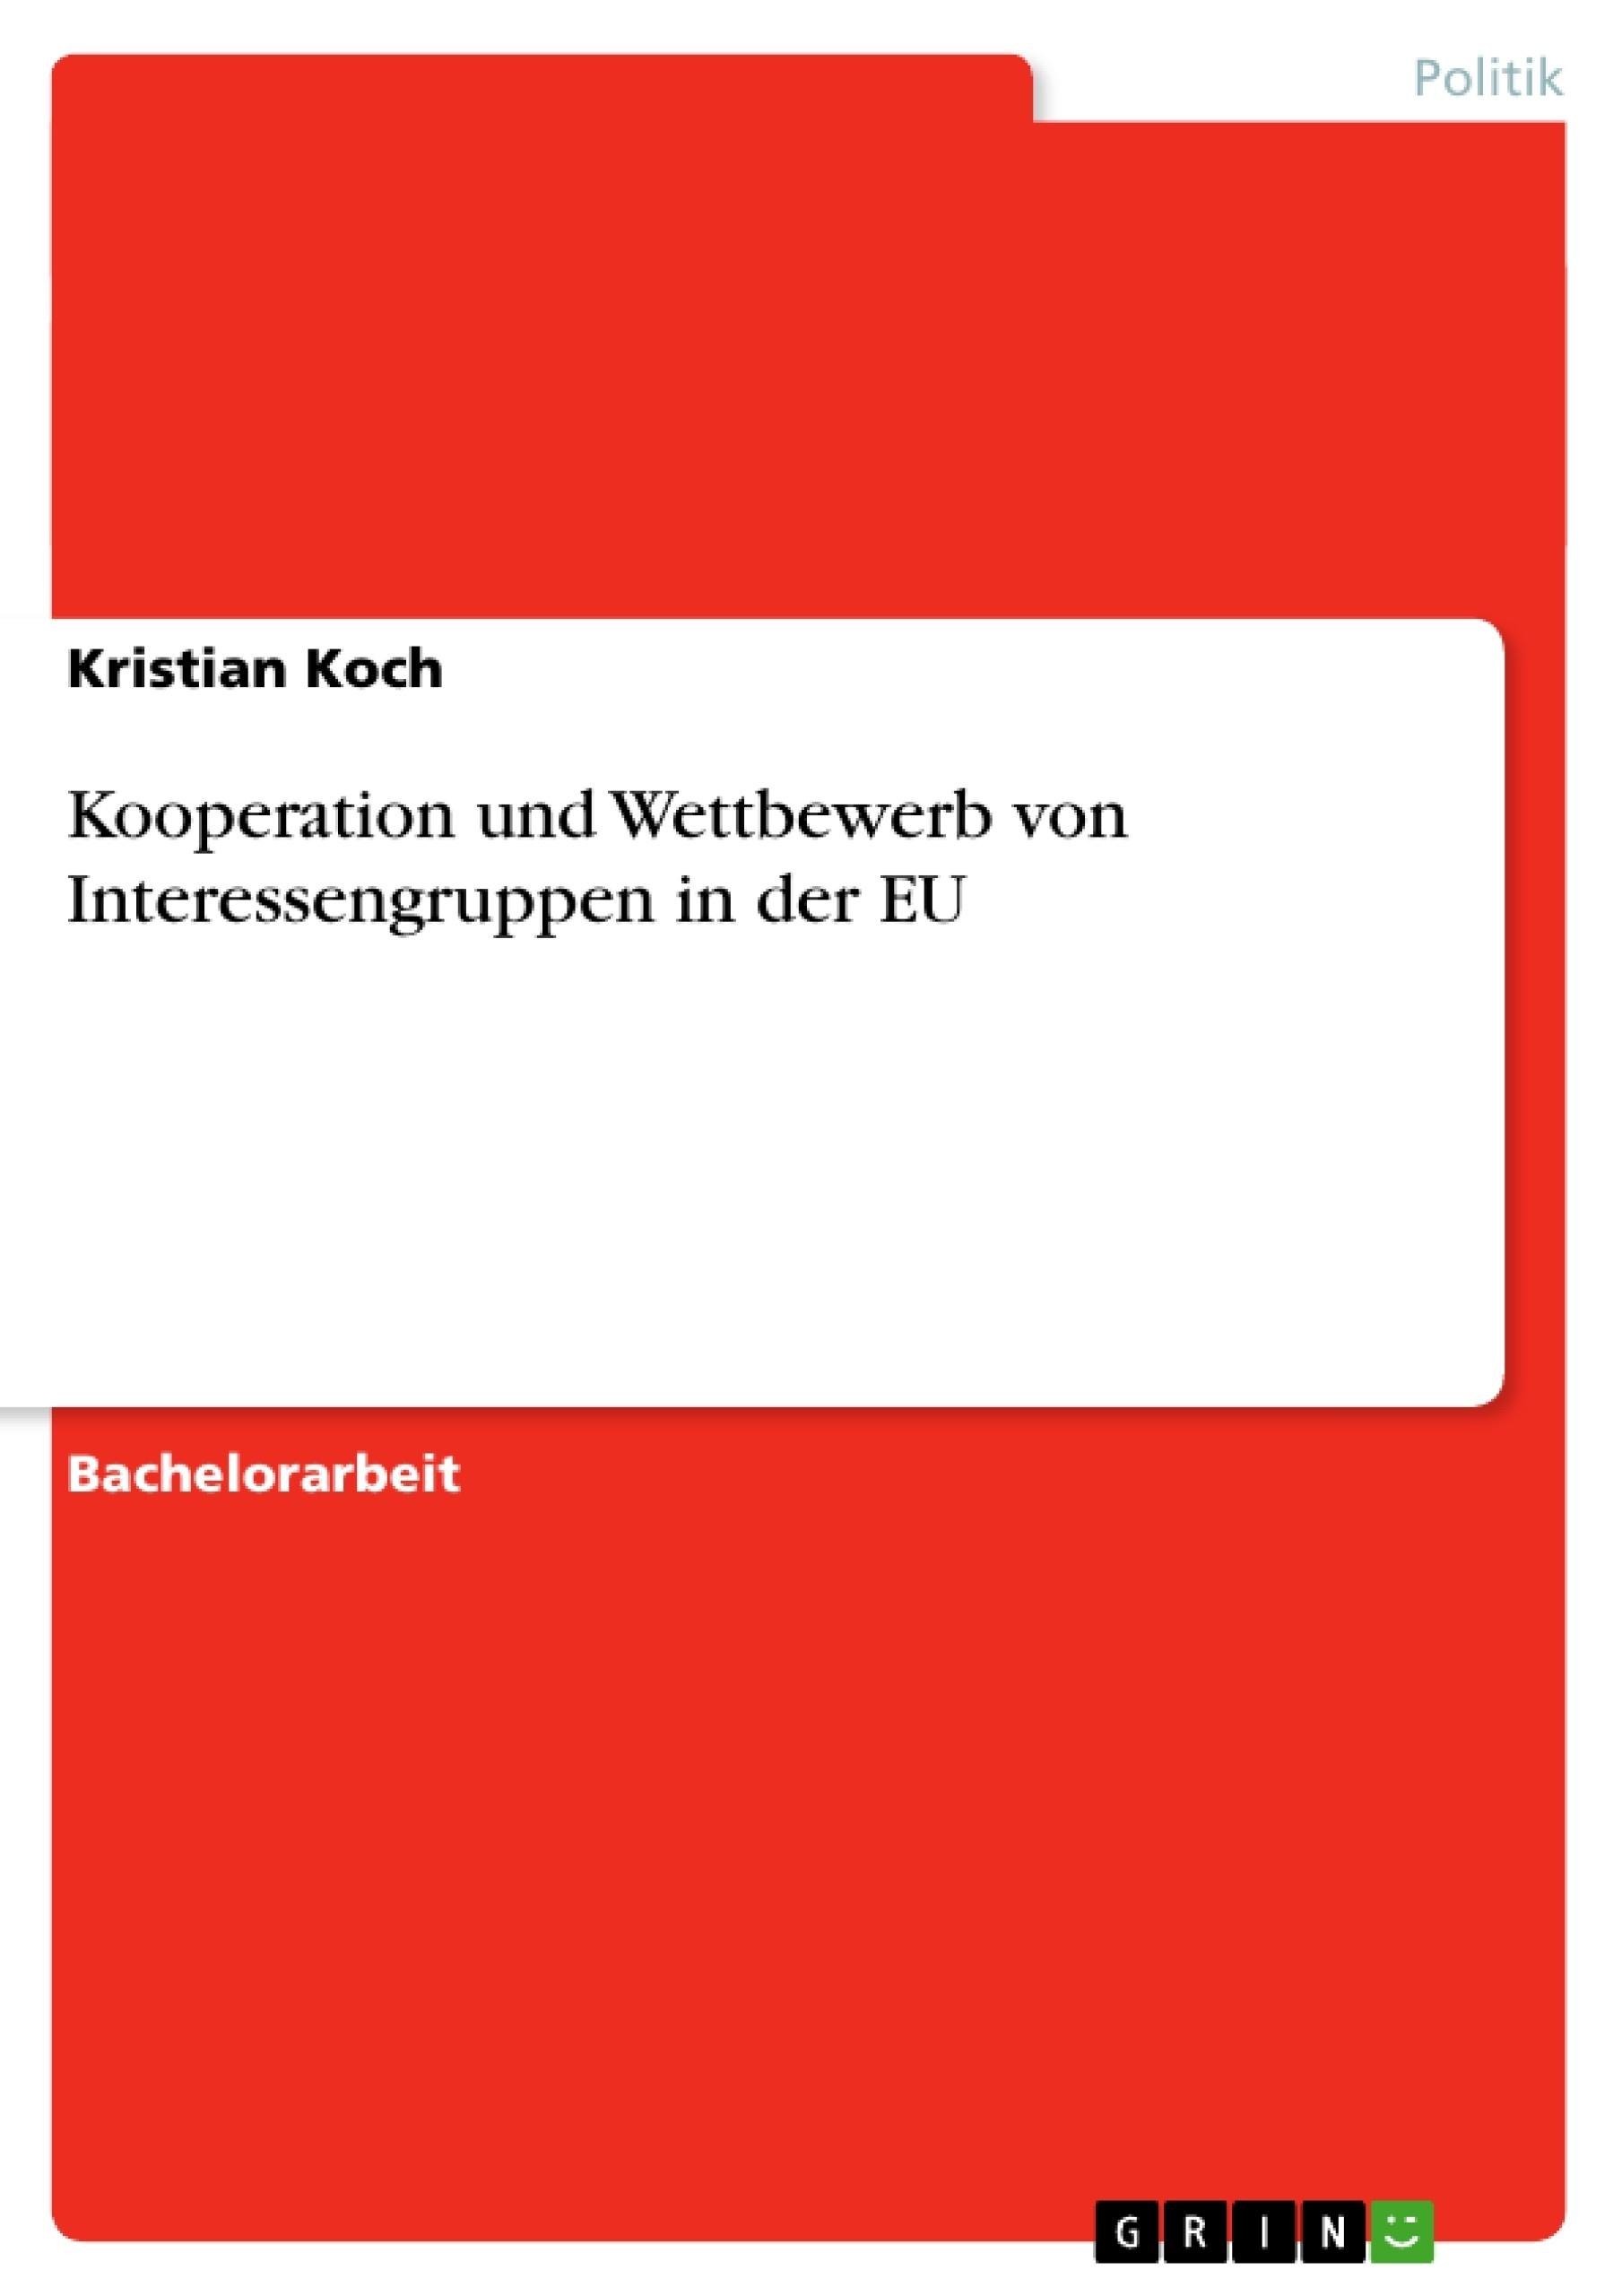 Titel: Kooperation und Wettbewerb von Interessengruppen in der EU